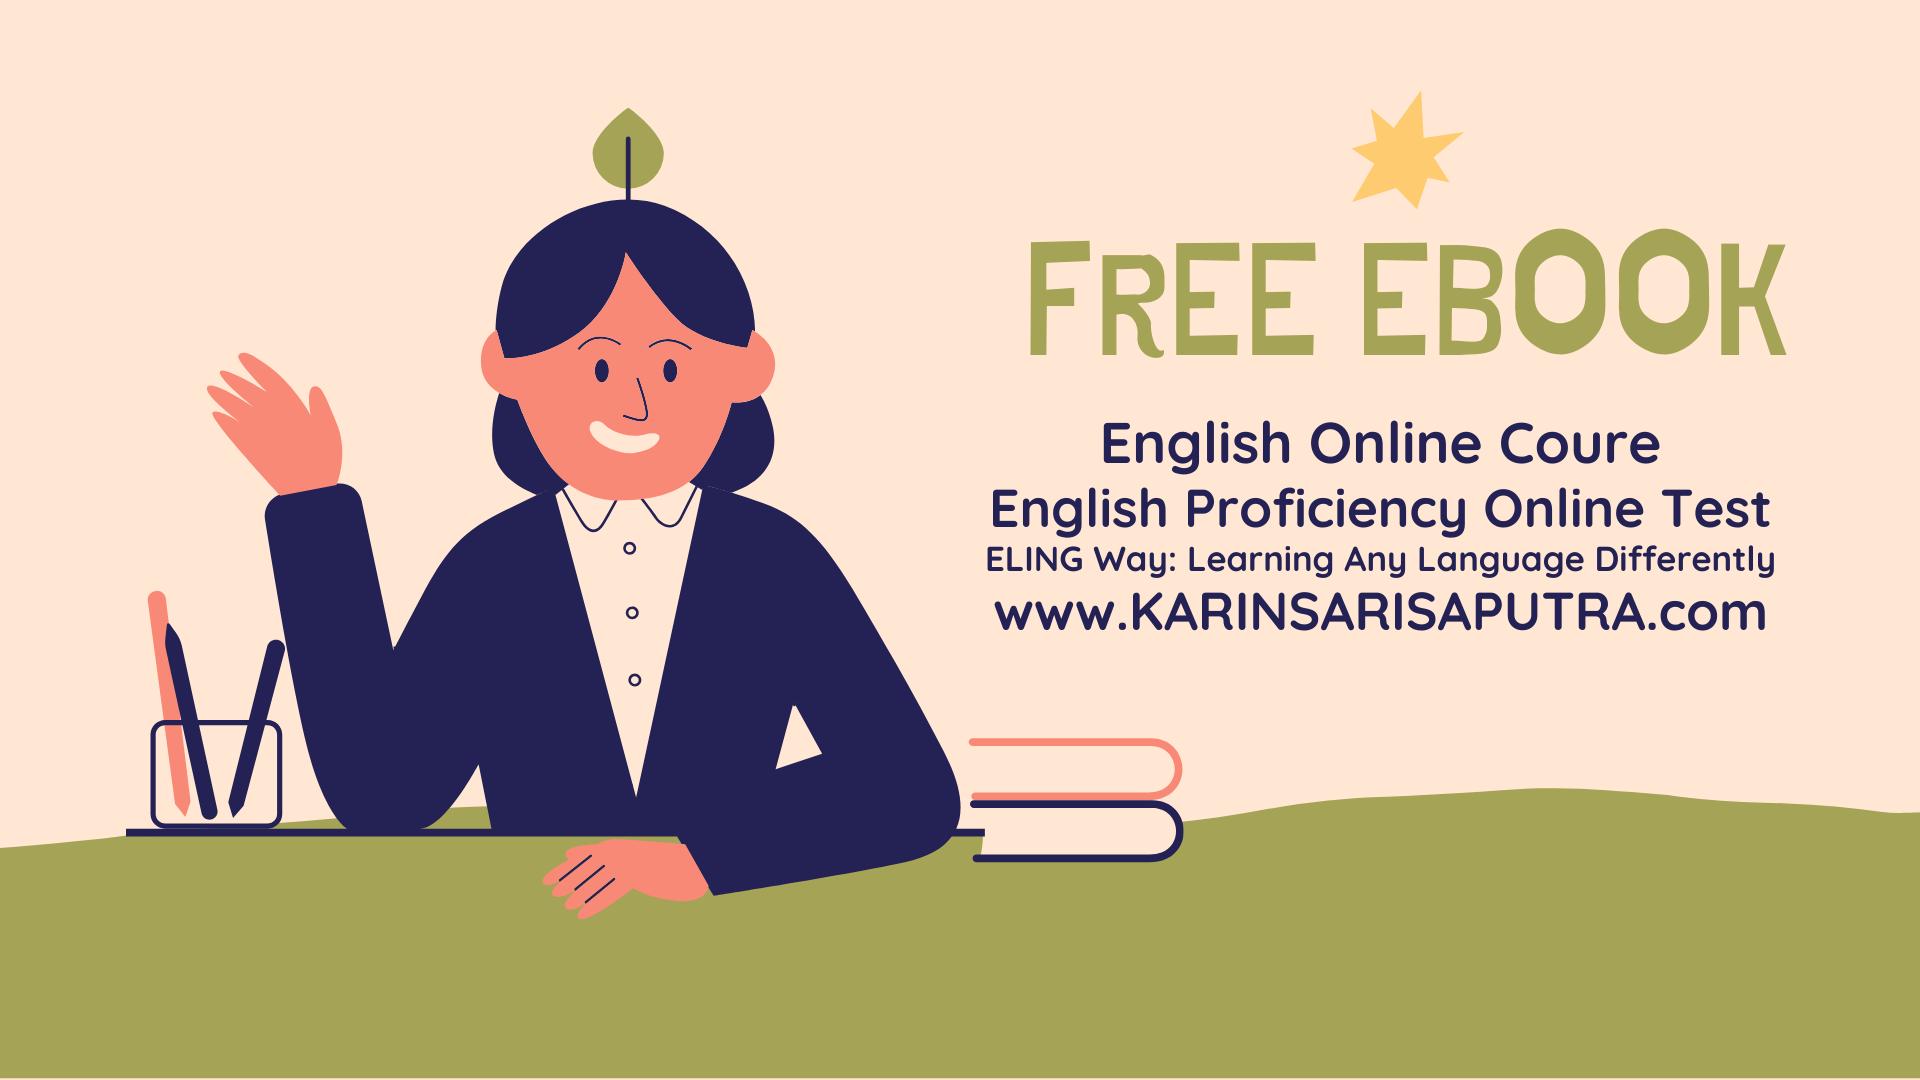 Free Download Ebook Dan Jurnal Untuk Referensi Skripsi Karin Sari Saputra